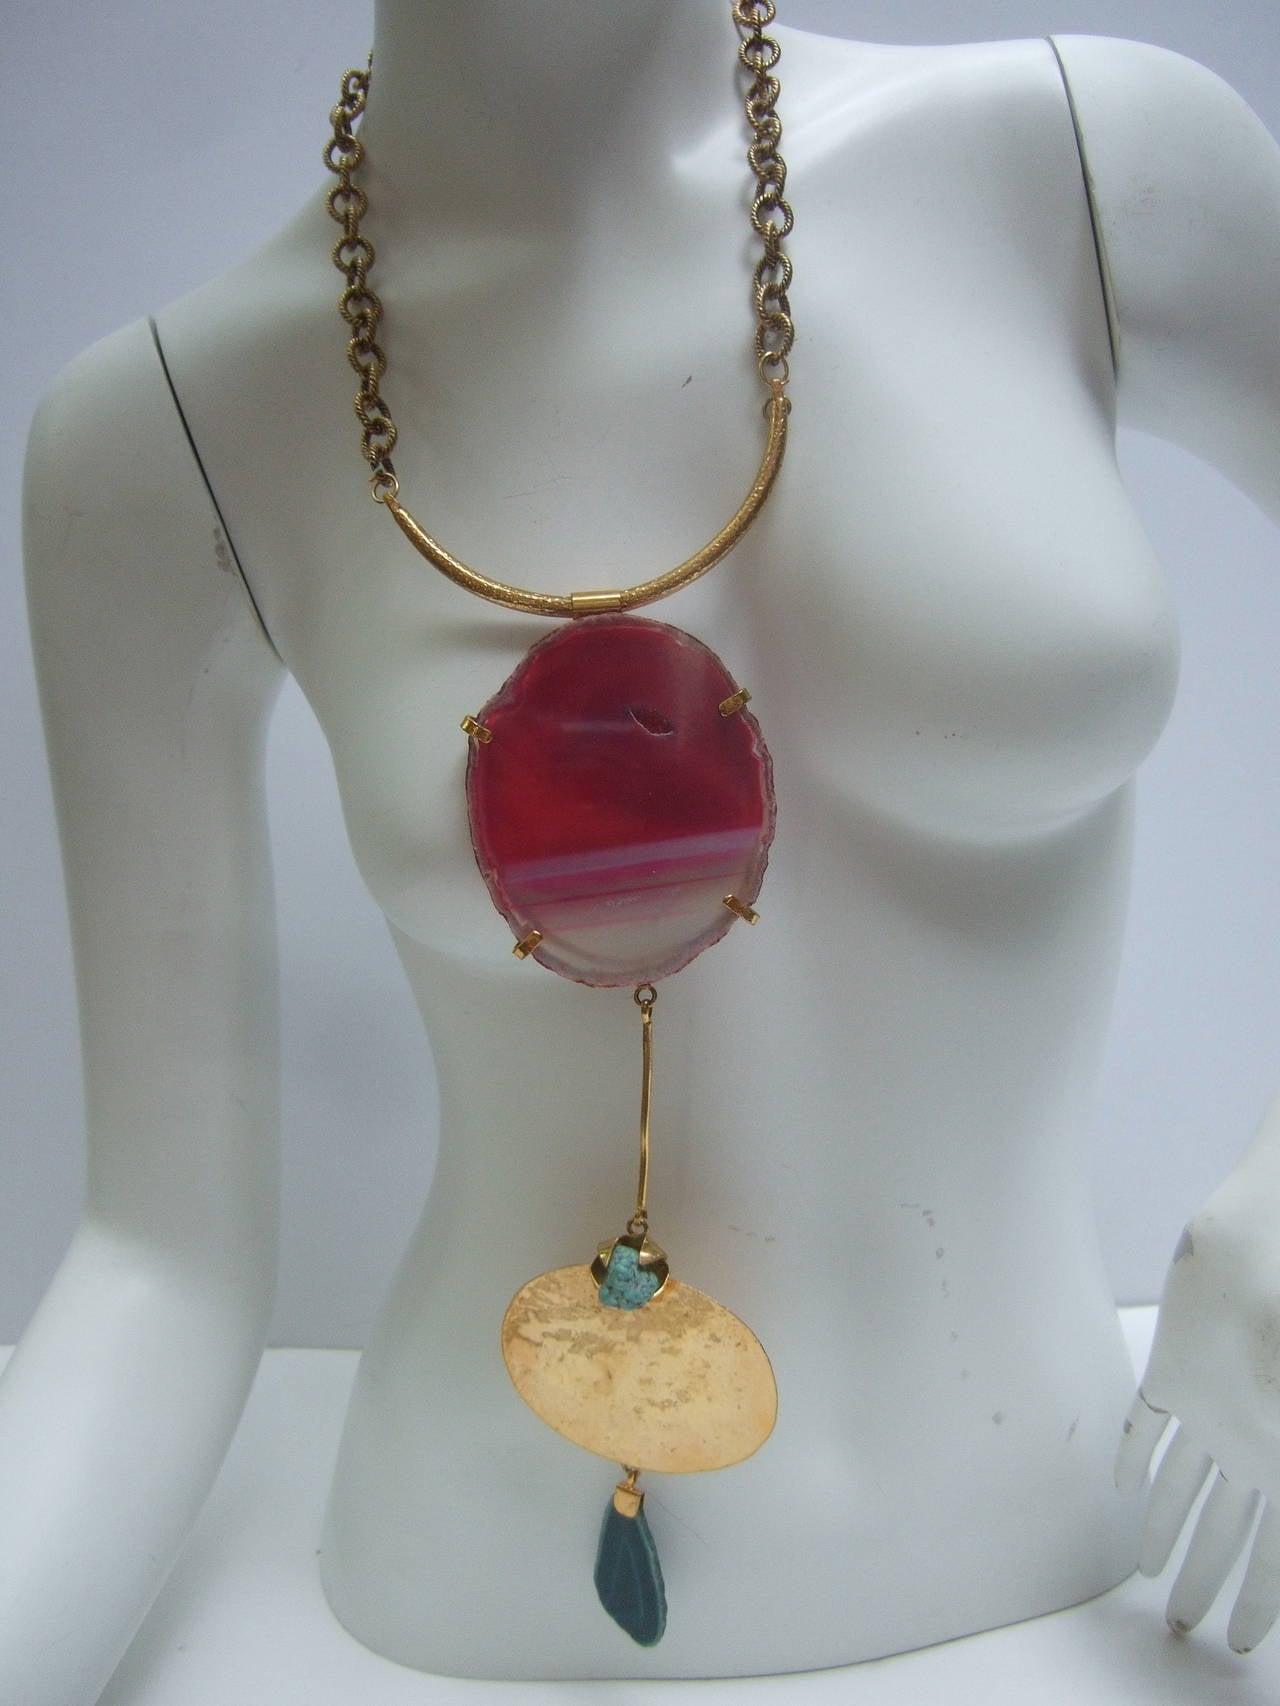 Philippe Ferrandis Paris Magnificent Agate Pendant Necklace For Sale 6